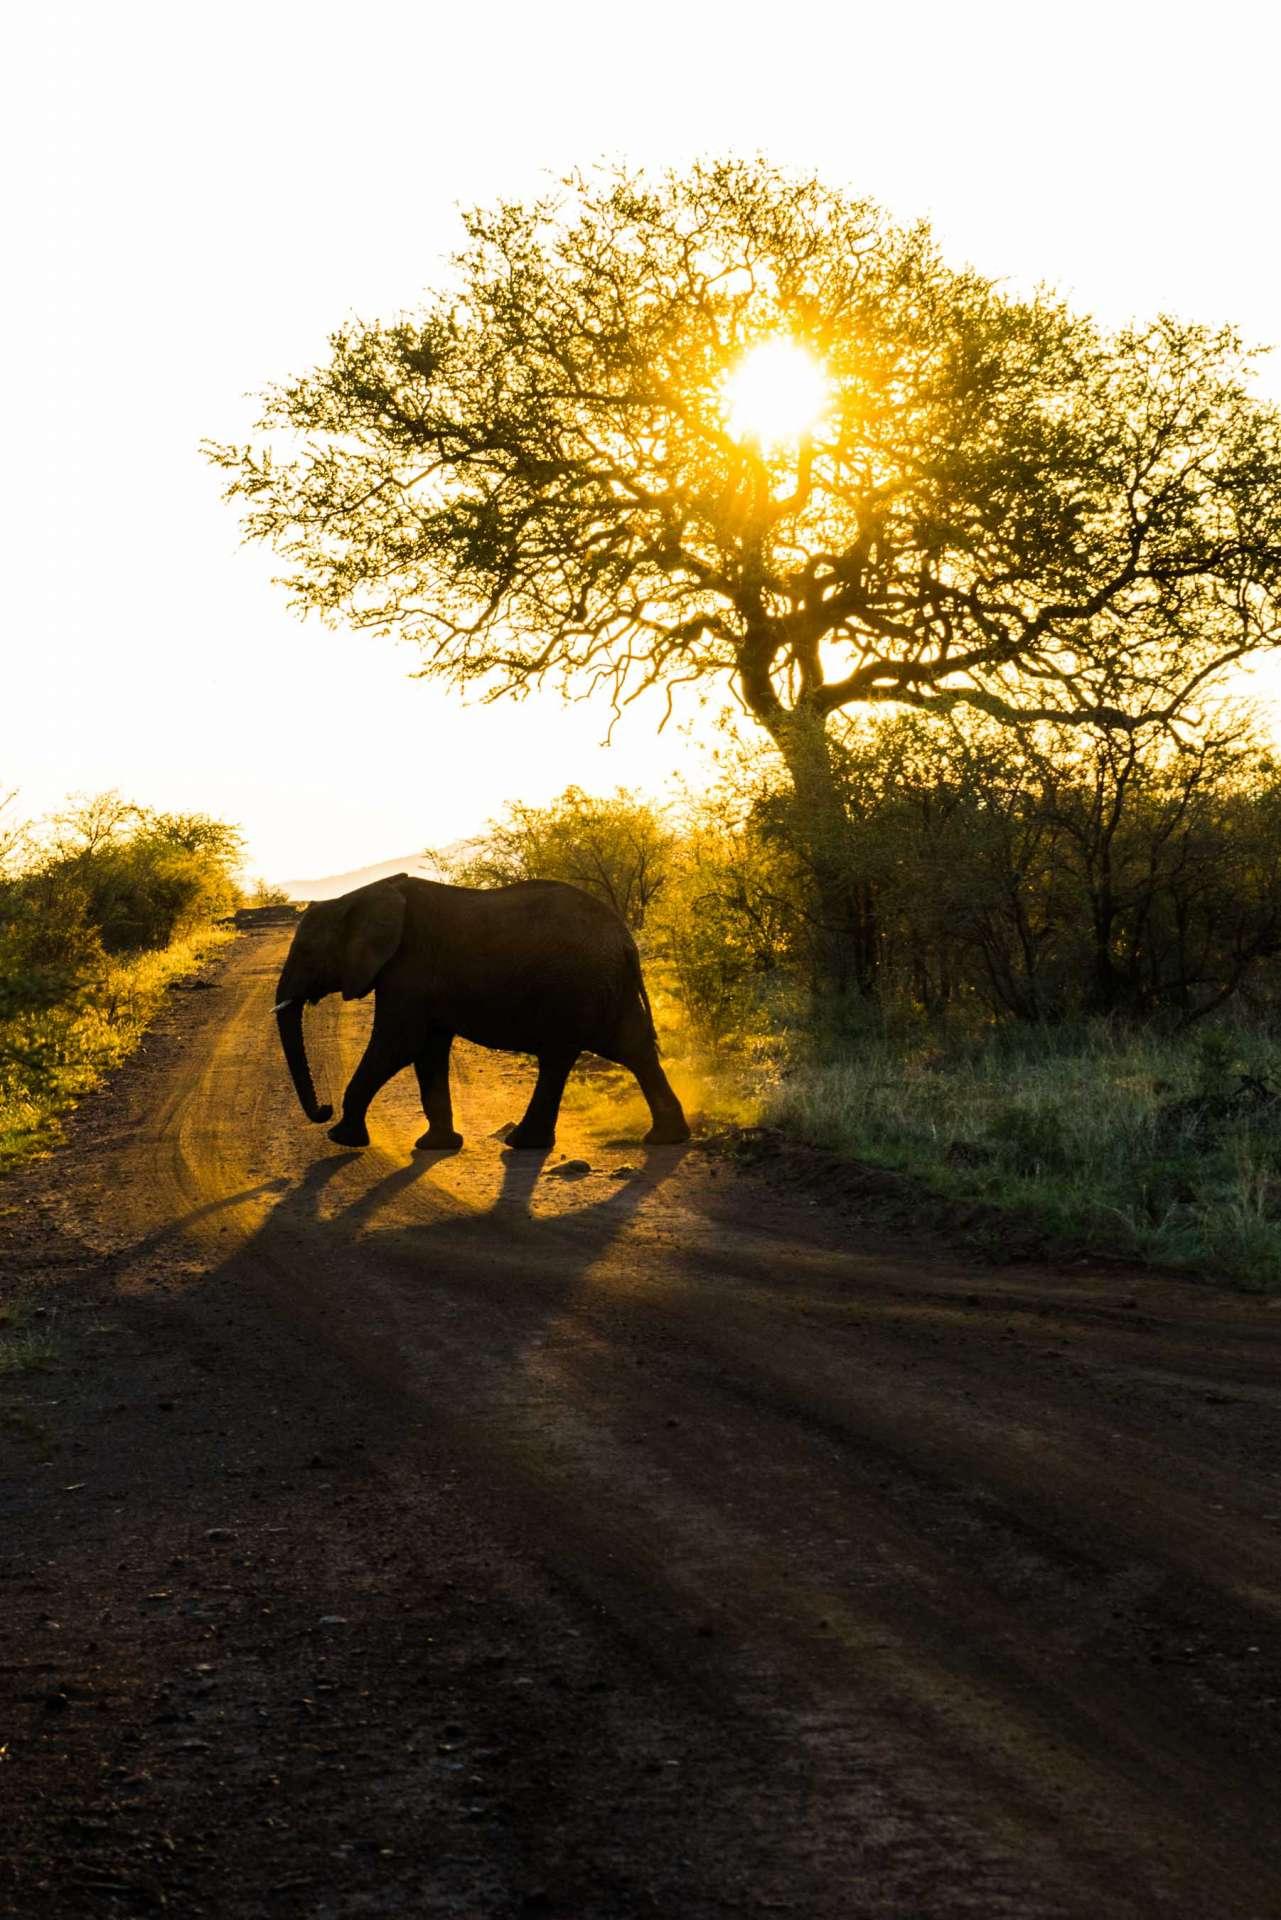 south africa madikwe safari pescart mosetlha bush camp elephant 2